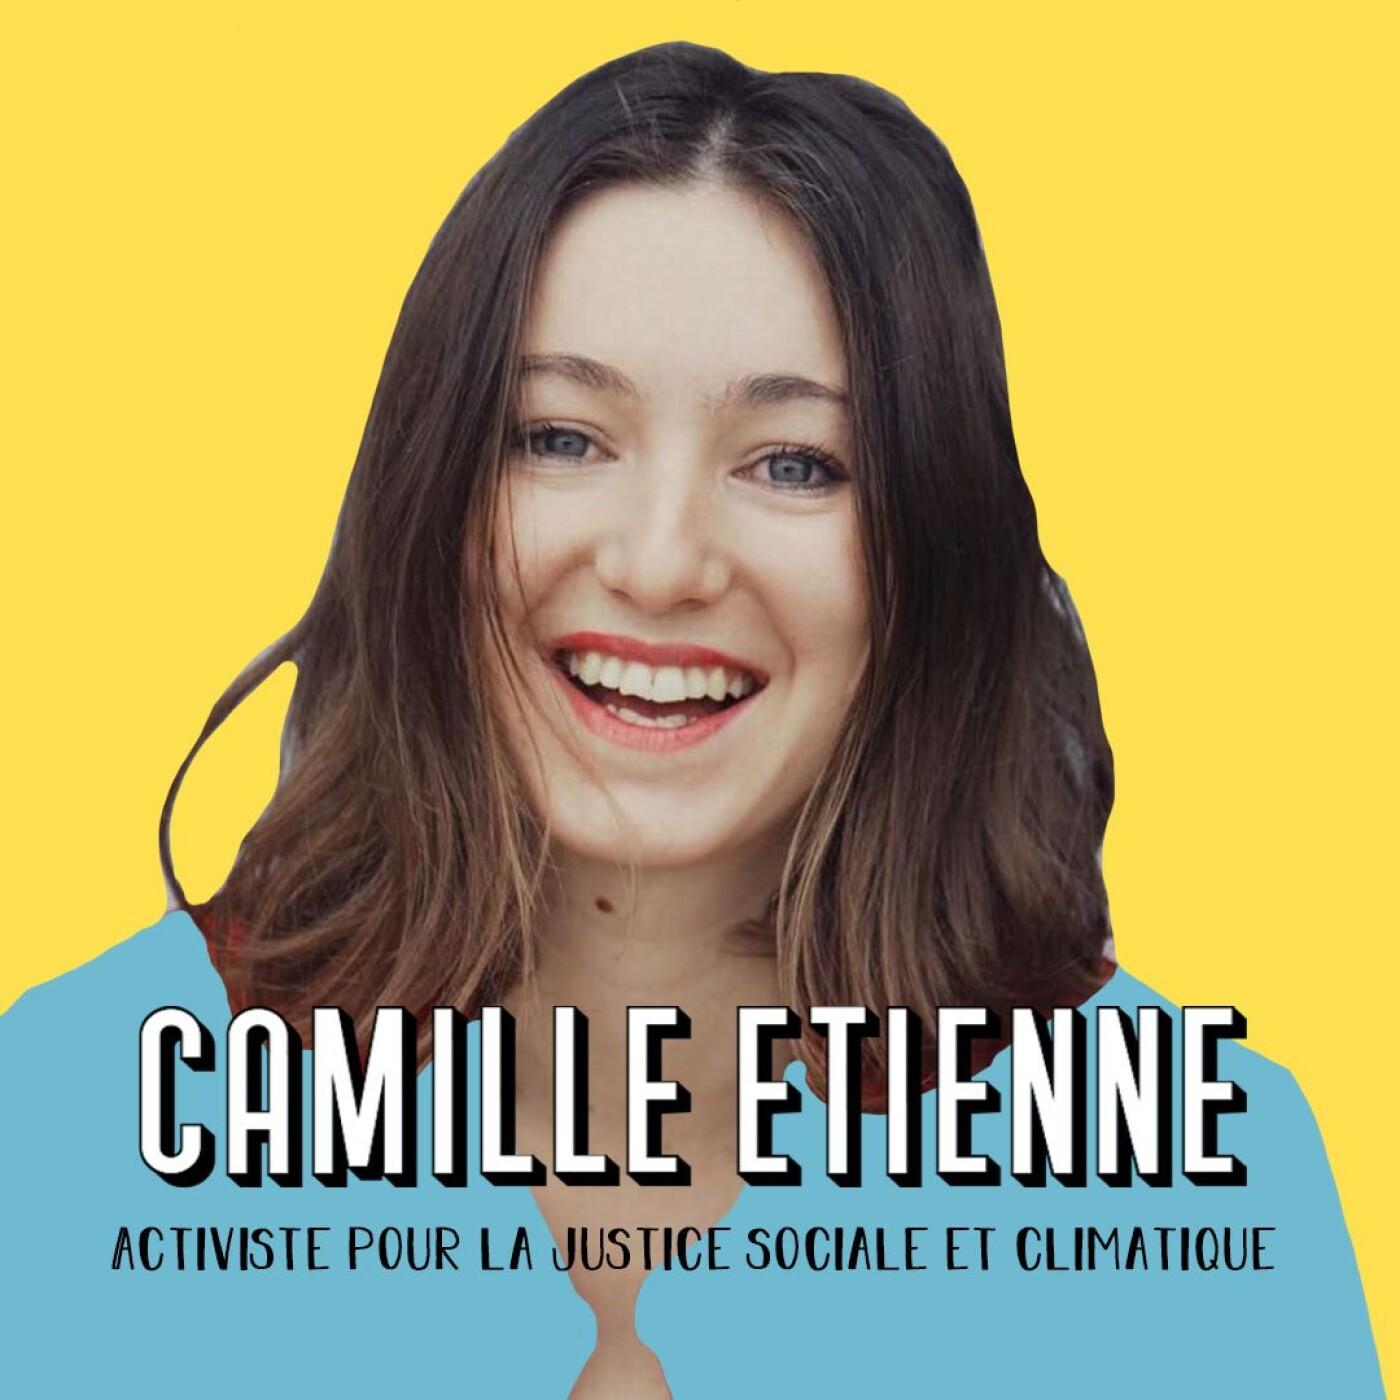 Camille Etienne, Activiste pour la justice sociale et climatique